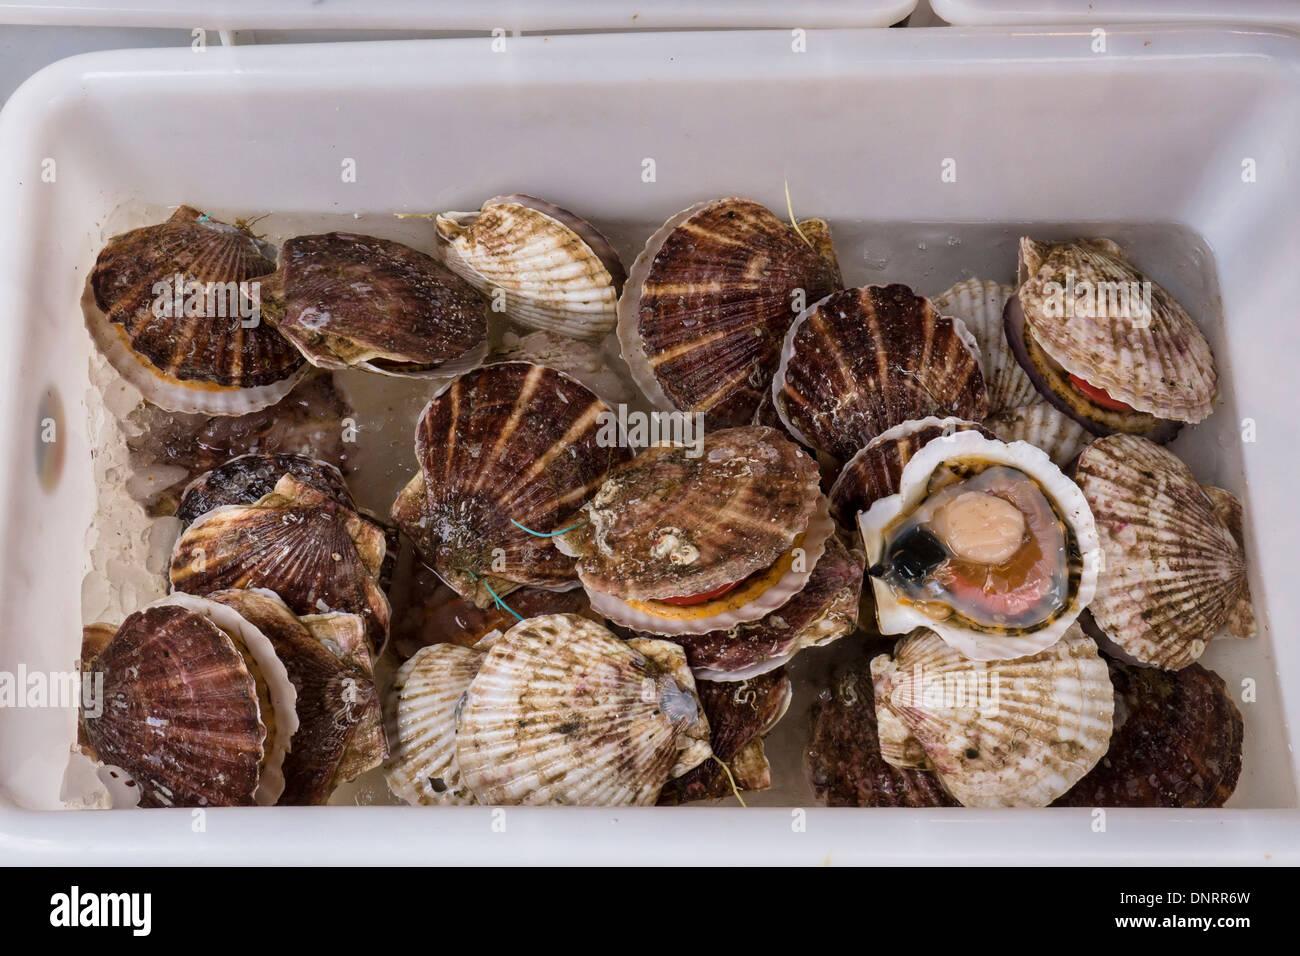 Box of Scallops, Lantau Island, Hong Kong, China - Stock Image